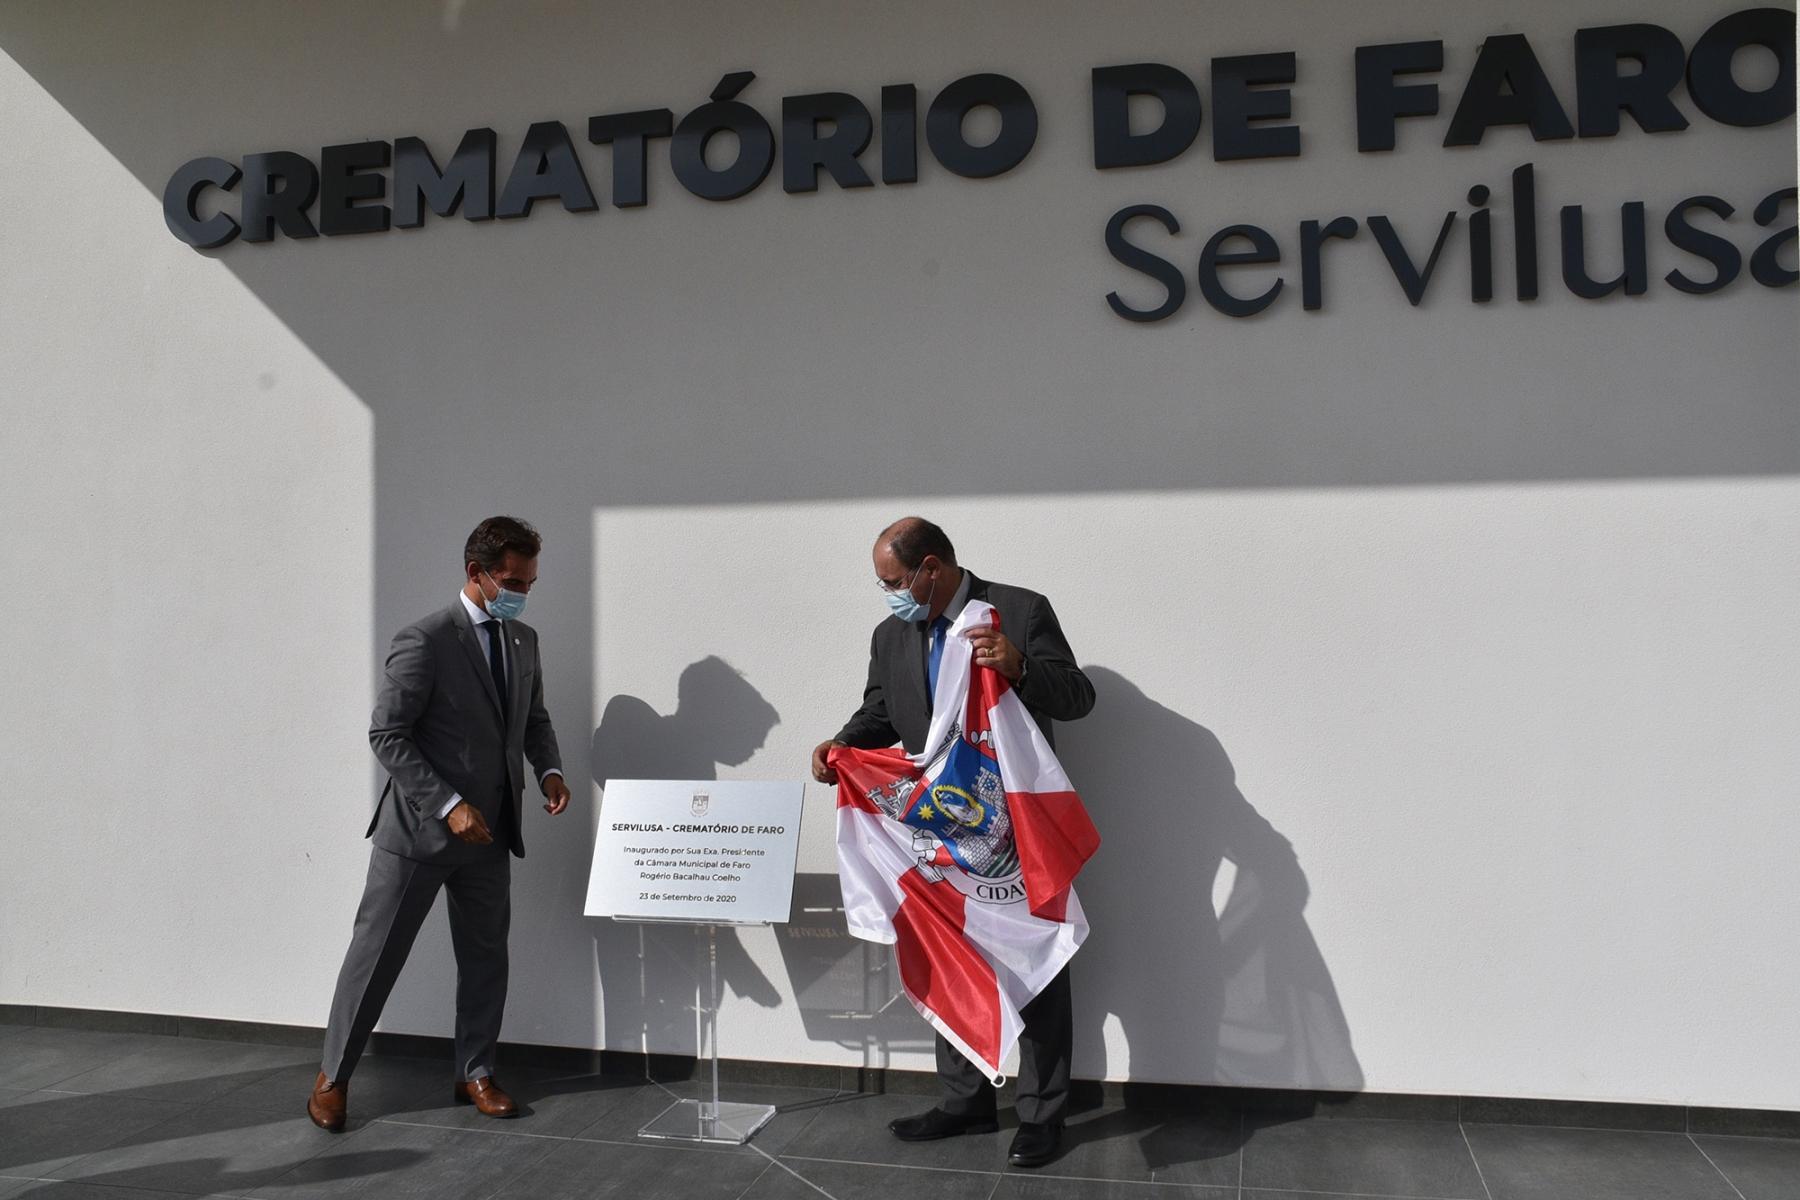 Inauguracao_crematorio_faro-4